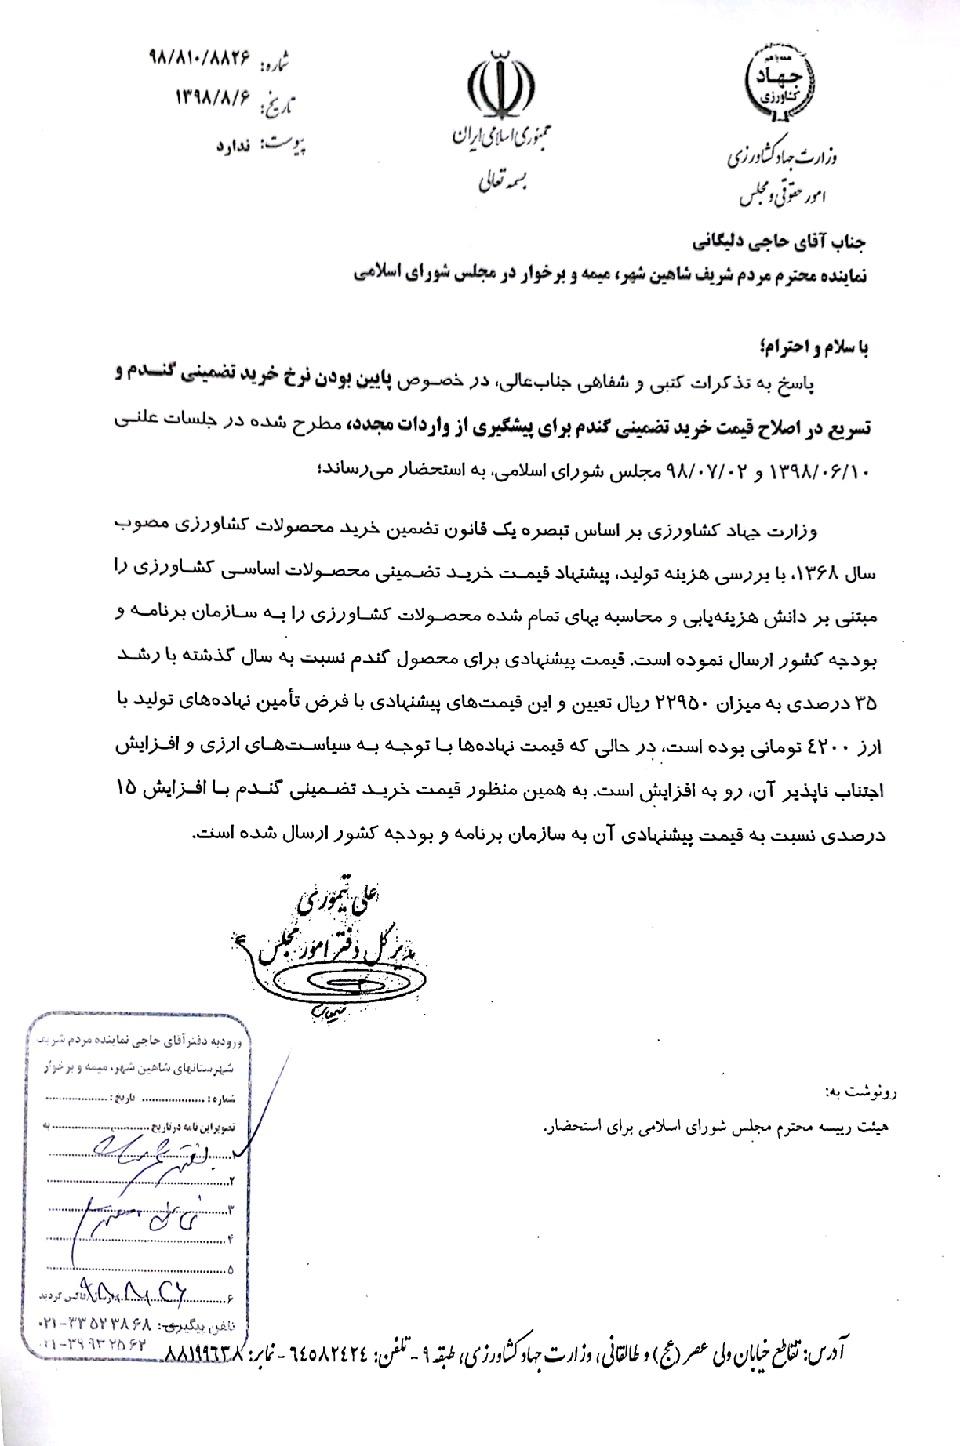 ⏹پاسخ وزارت جهادکشاورزی به تذکر آقای حاجی در خصوص نرخ تضمینی گندم